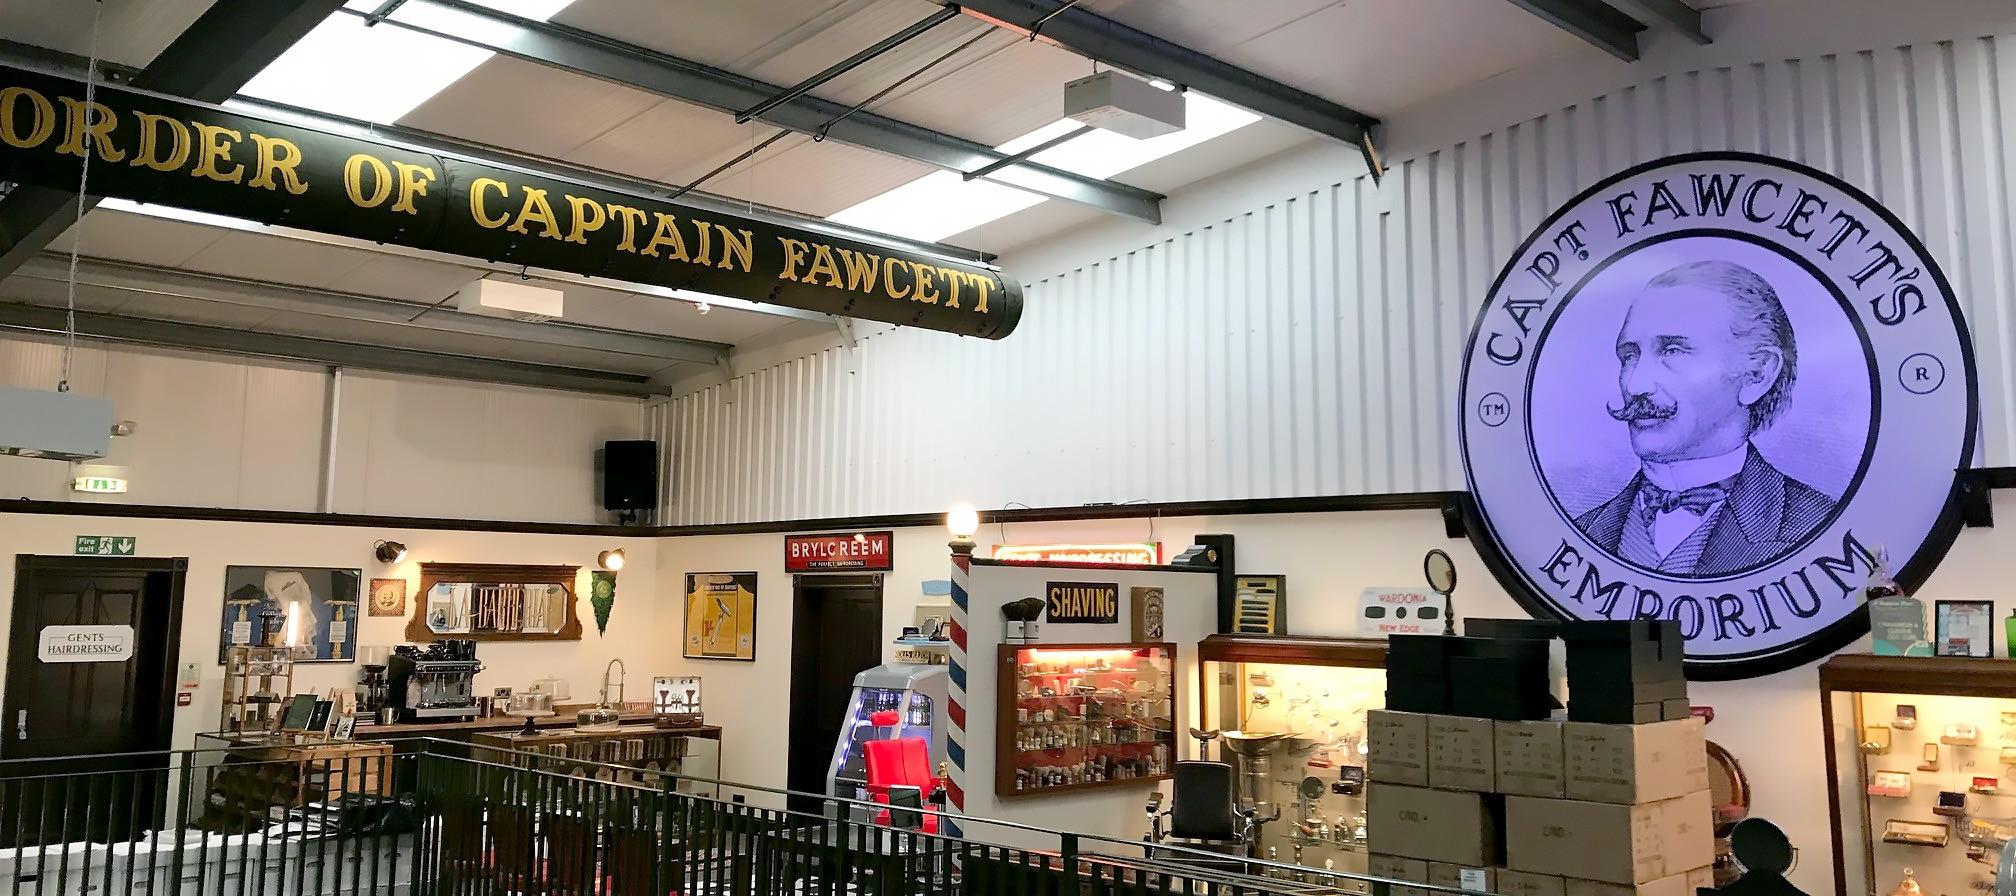 Captain Fawcett's Emporium